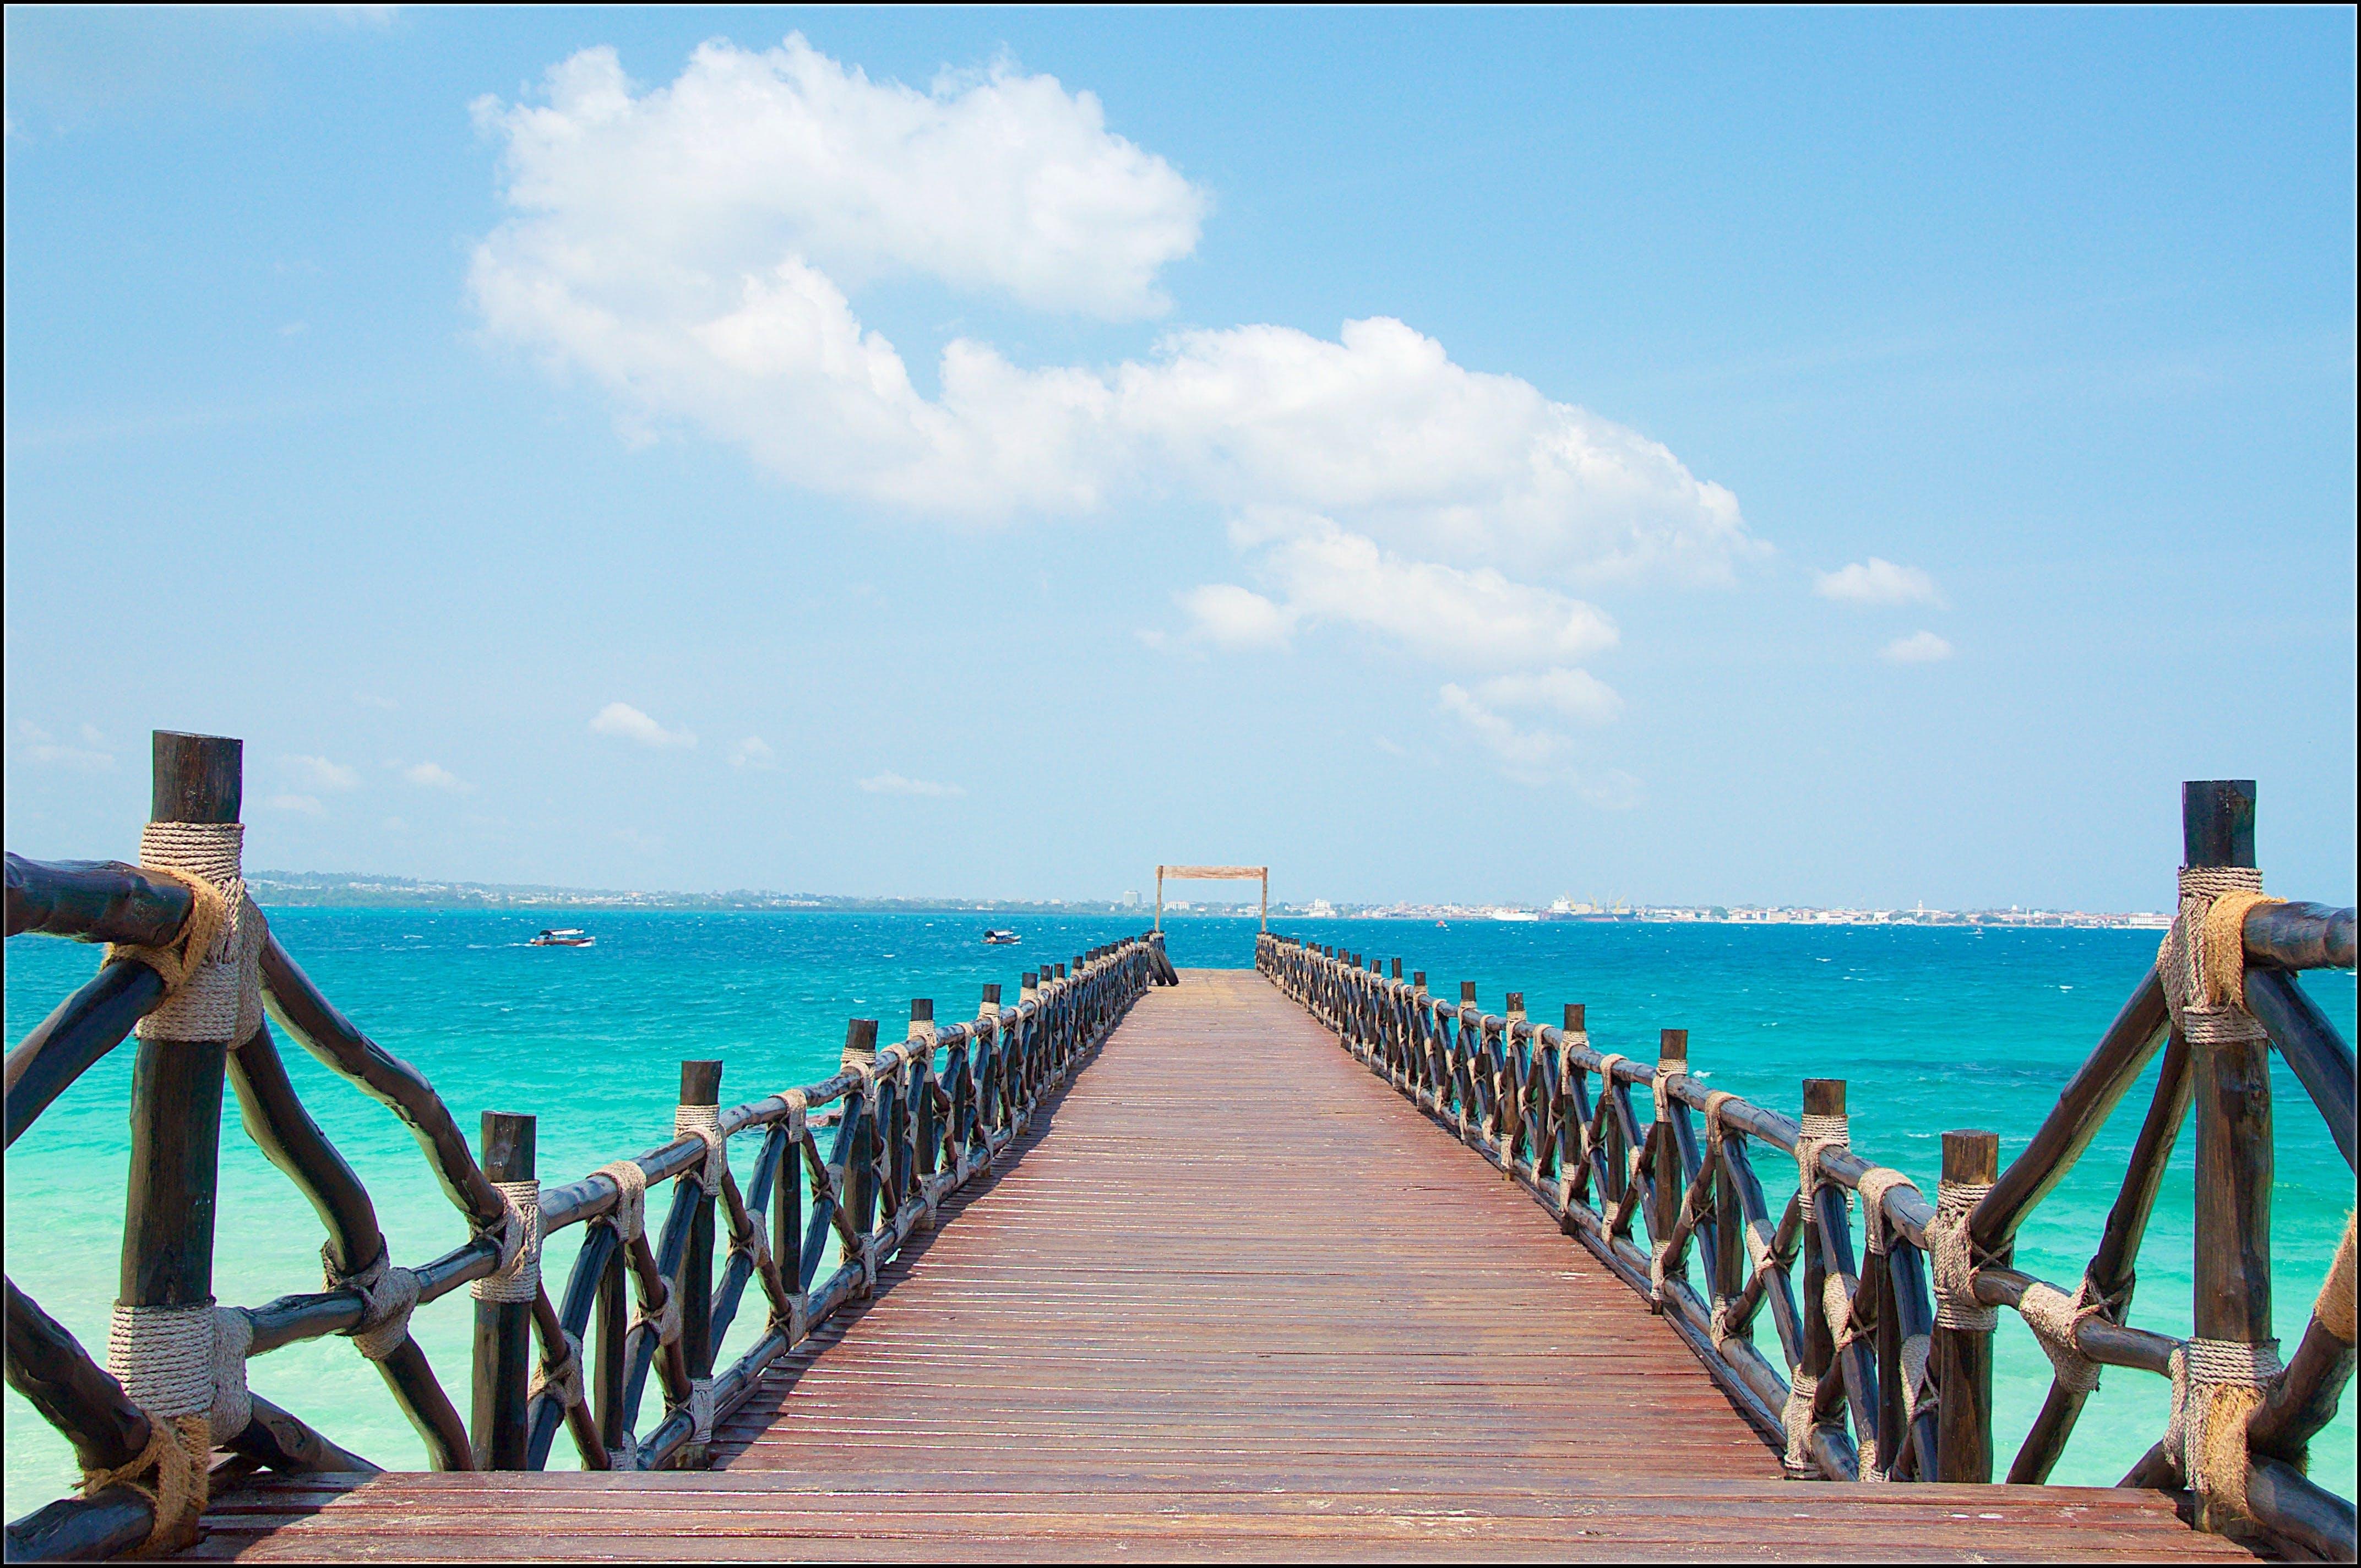 Brown Wooden Dock Beside Calm Sea